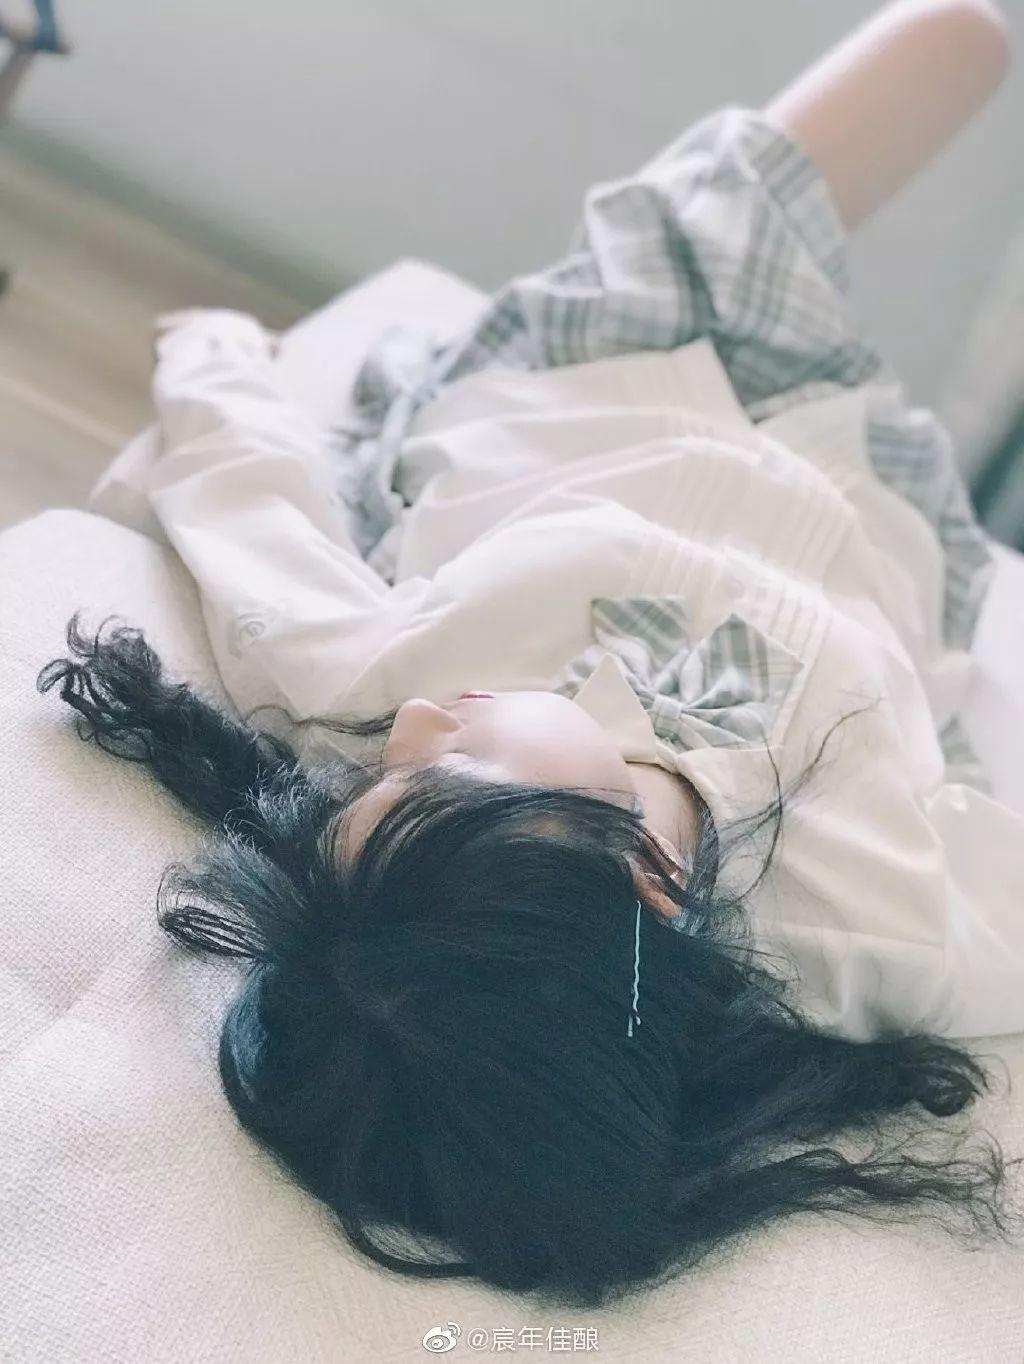 妹子摄影 – JK制服白白白少@@宸年佳酿_图片 No.8